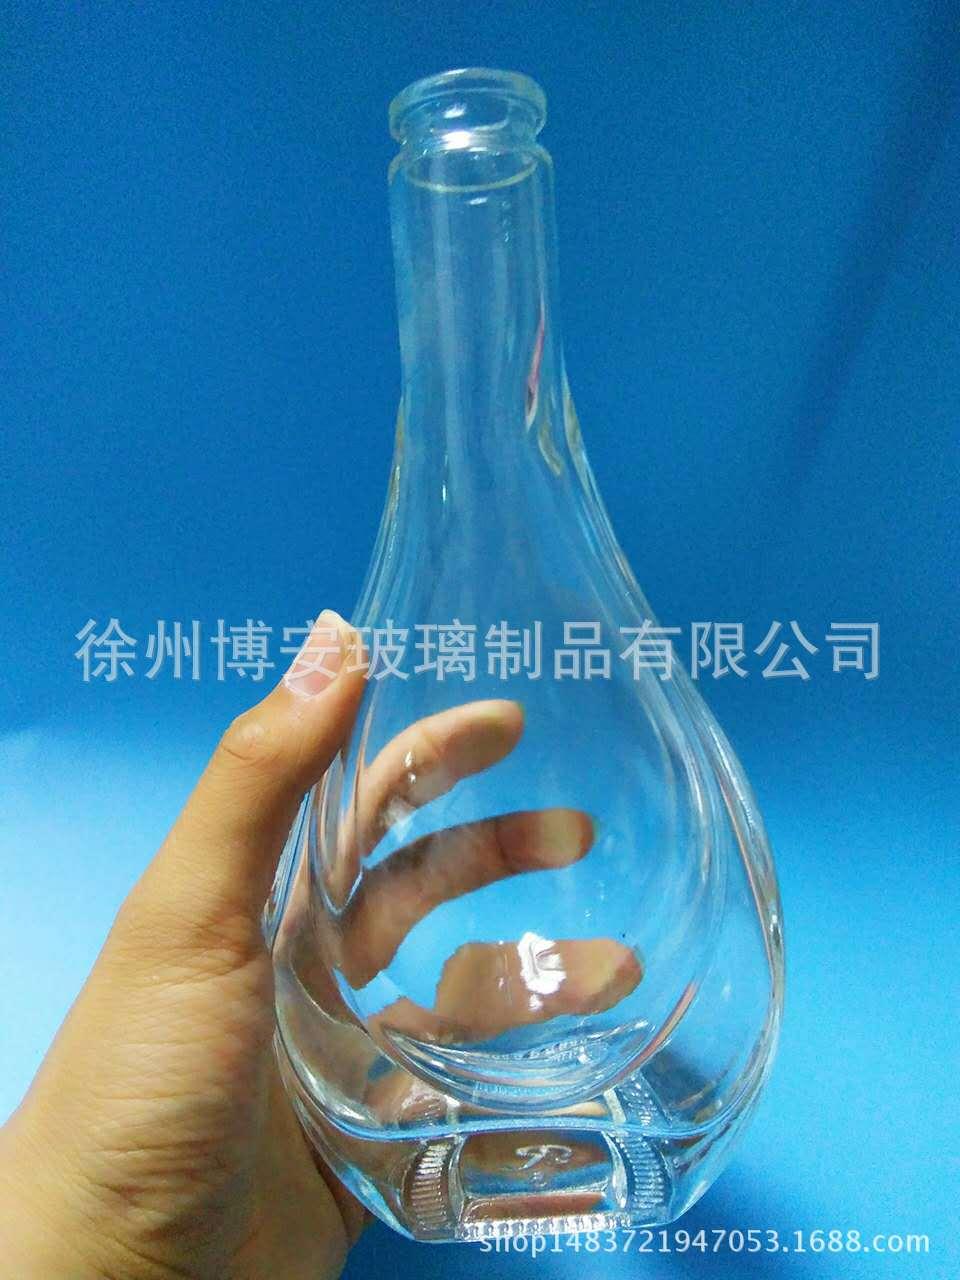 厂家直销透明玻璃白酒瓶红酒瓶自酿酒瓶 红酒瓶报价 白酒瓶直销